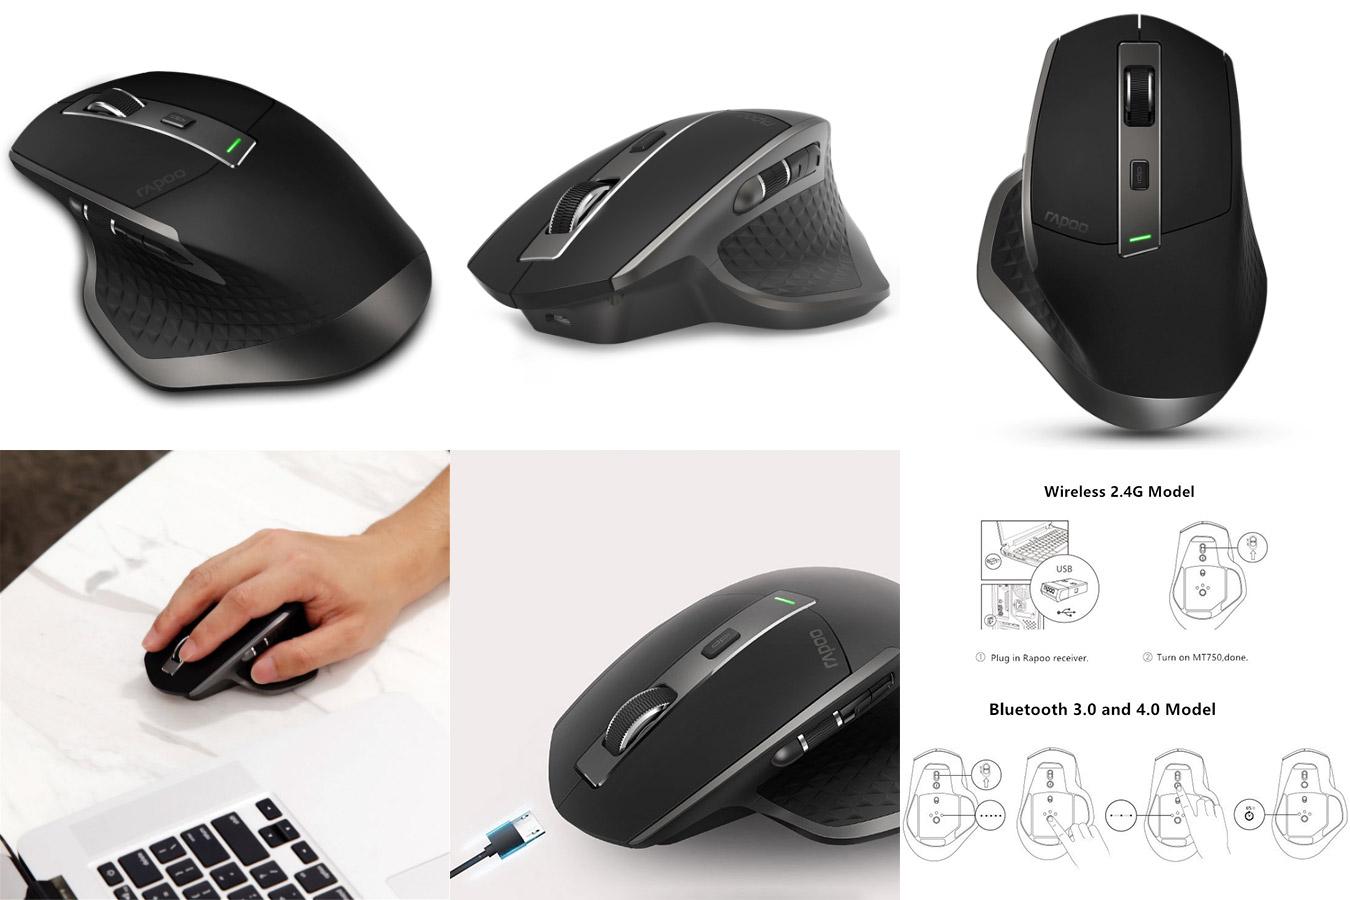 Быстрая точная компьютерная мышка RAPOO MT750